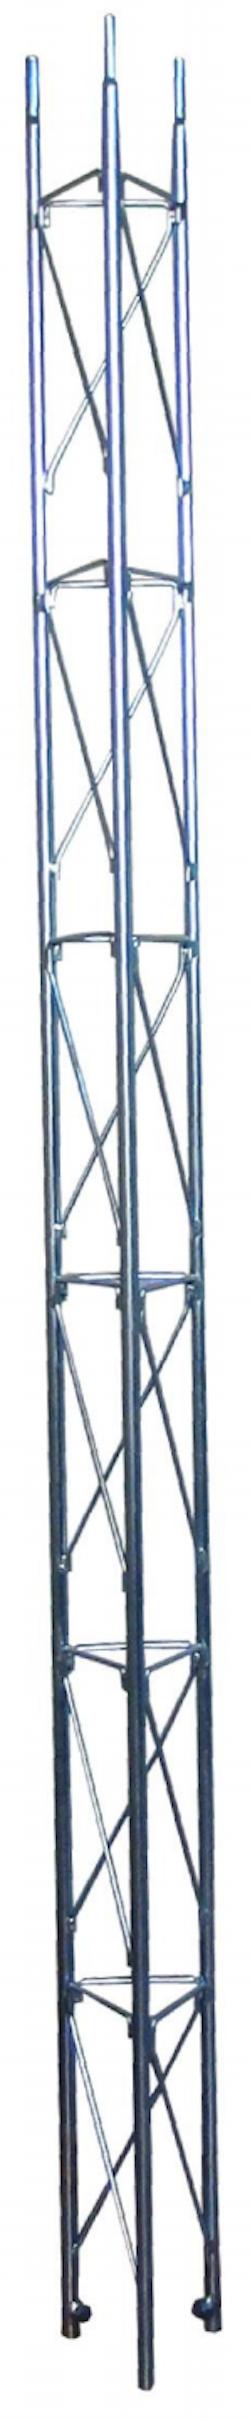 Fackverksmast bas 180 serie 2,5m